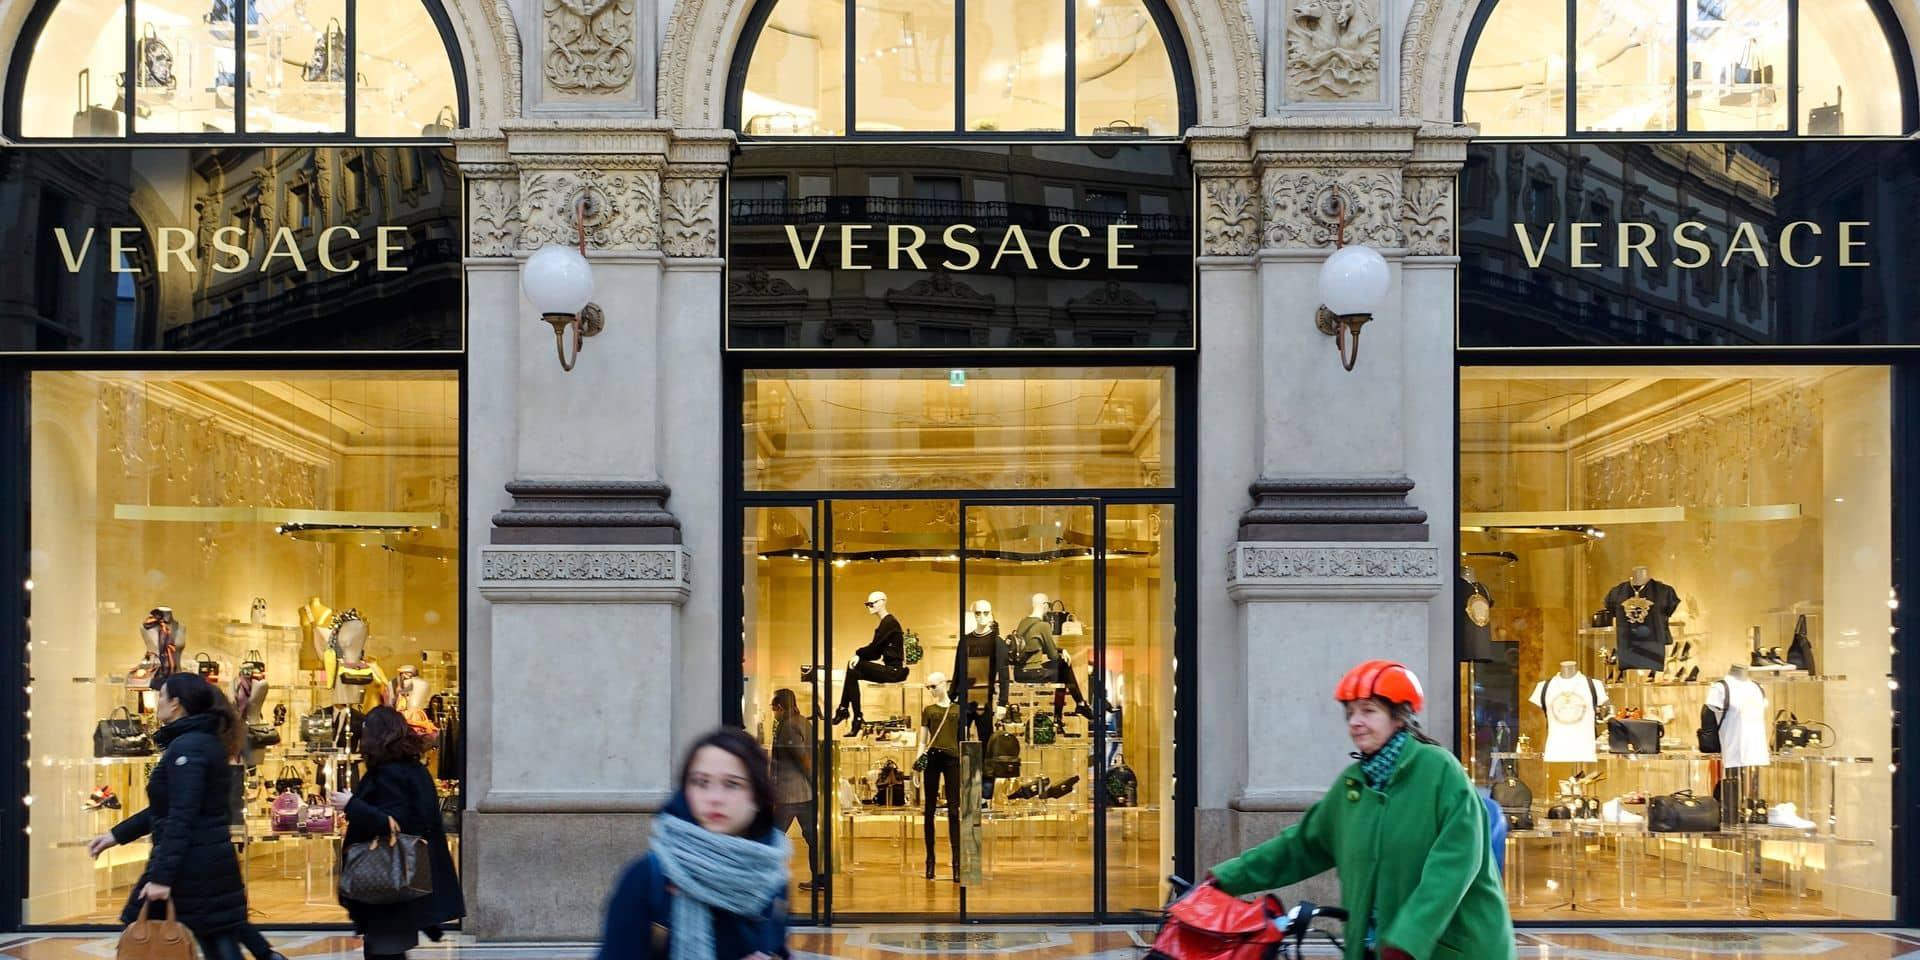 Givenchy, Coach et Versace épinglés en Chine pour des T-shirts sur Taiwan et Hong Kong